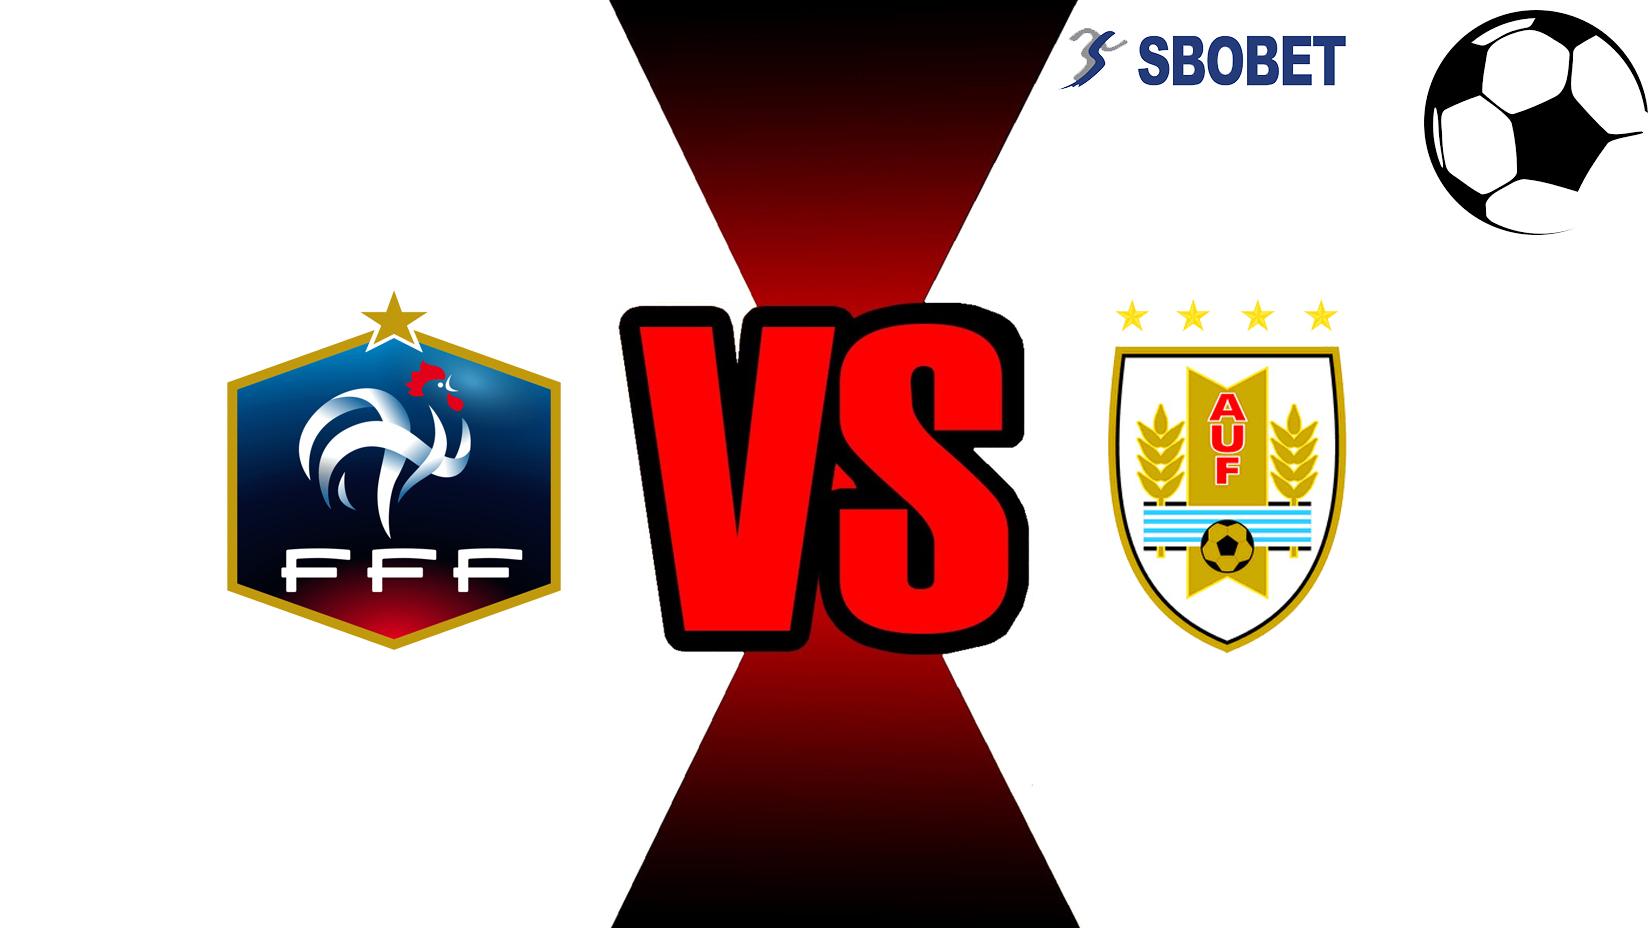 Prediksi Skor Bola Online Prancis Vs Uruguay 21 November 2018